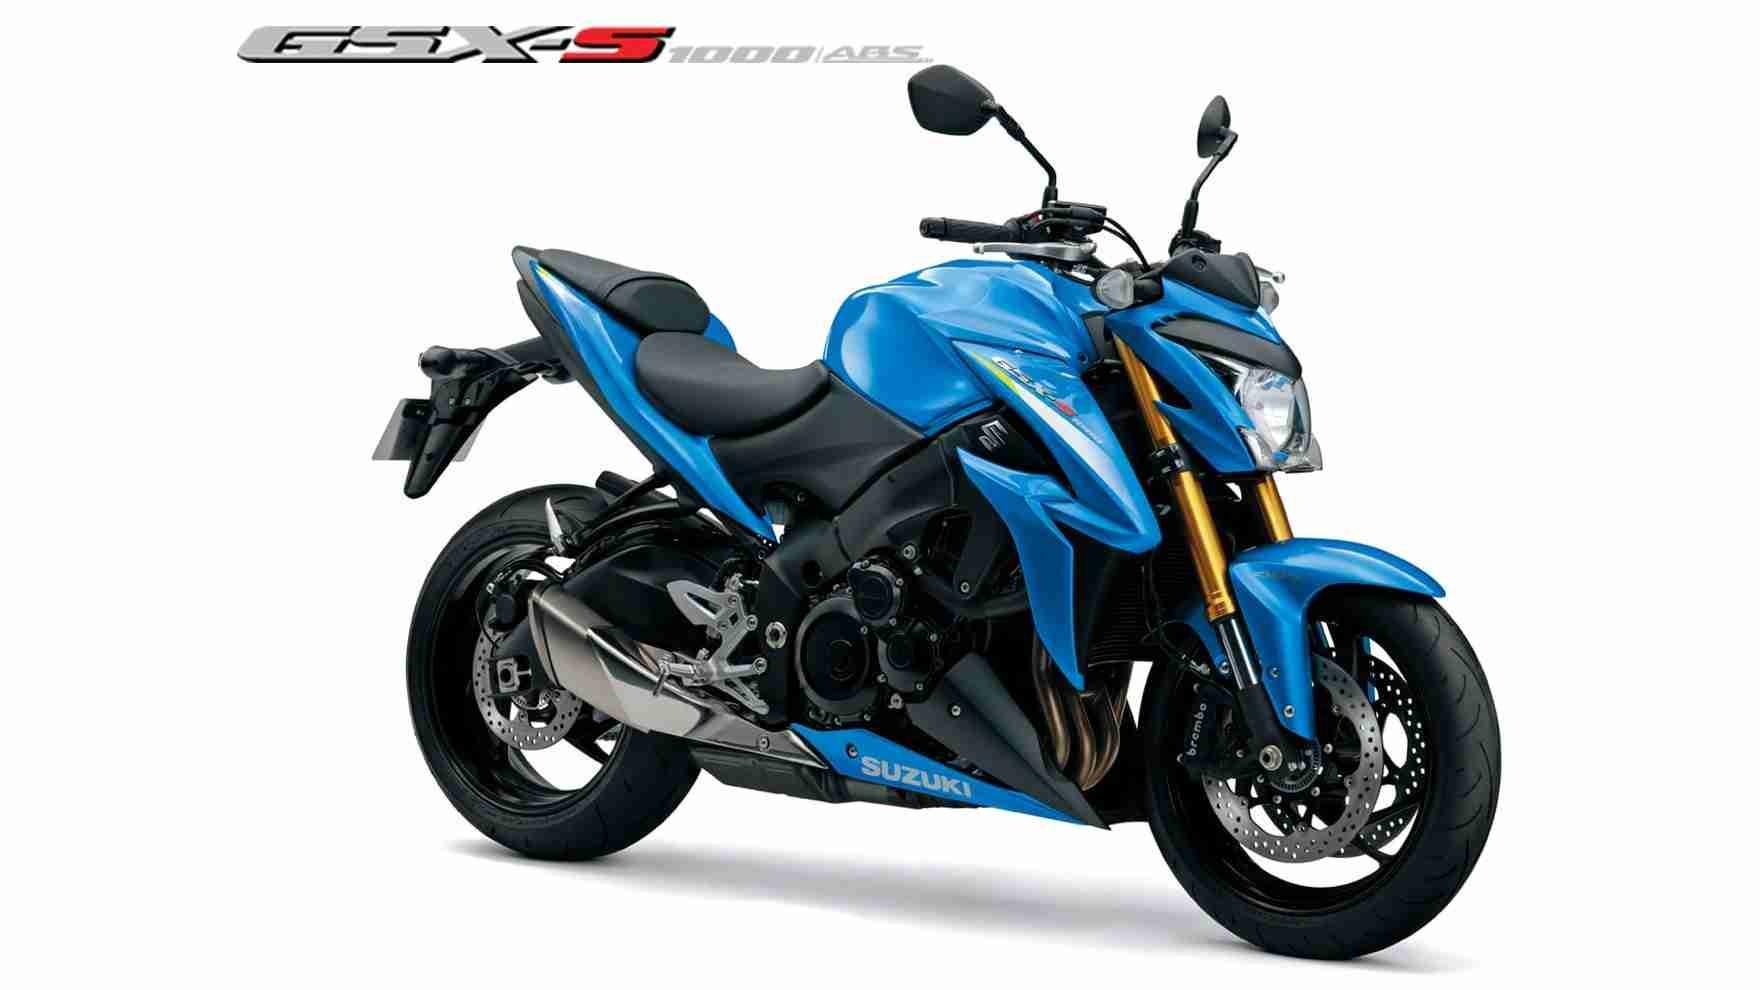 Suzuki GSX-S1000 ABS